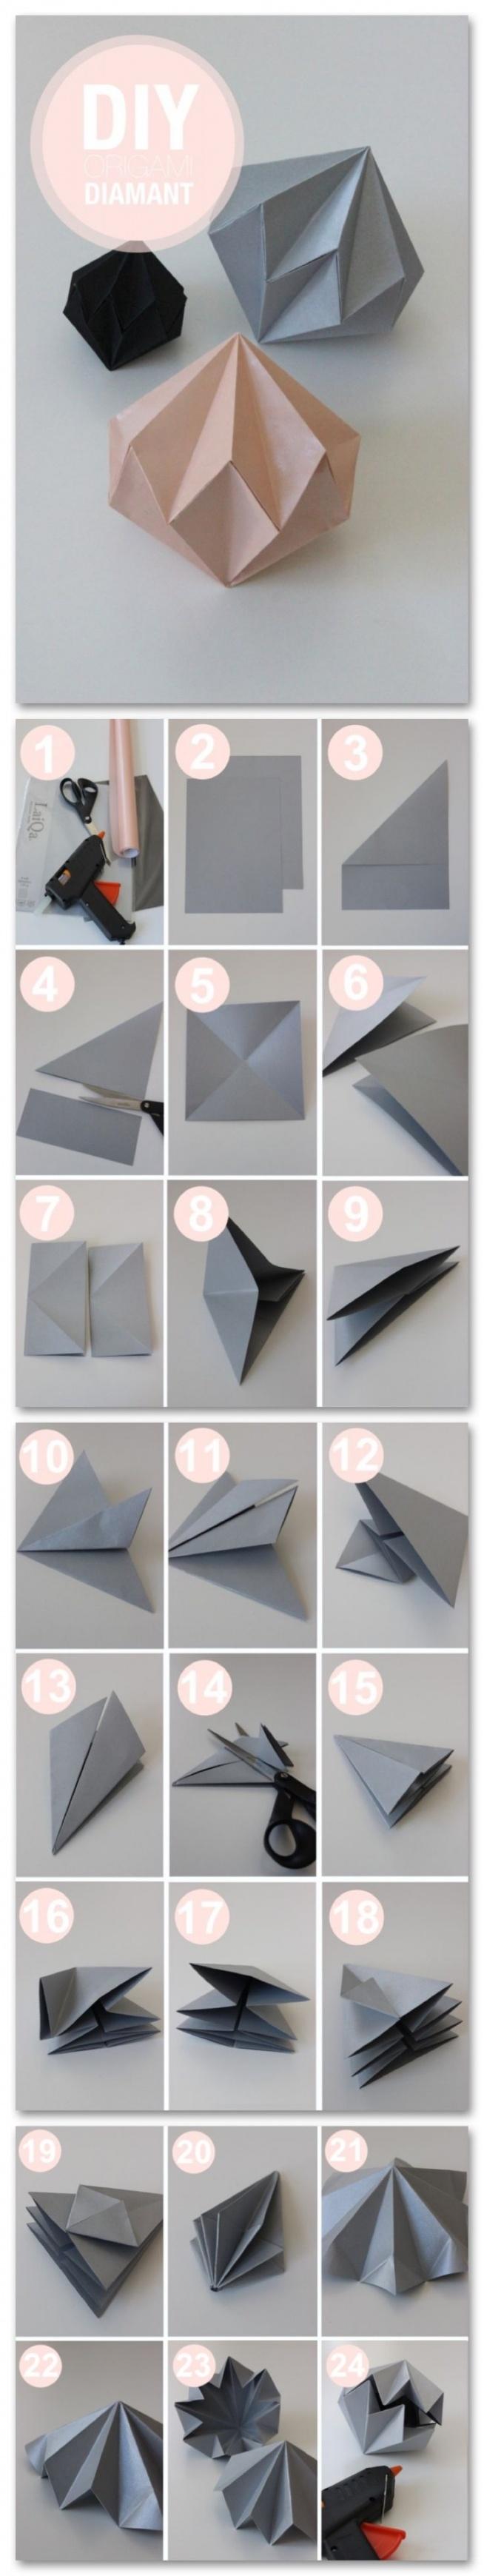 Prosty sposób na zrobienie diamencików z papieru. Pomyślcie jak wspaniale będą wyglądać z błyszczącego papieru.